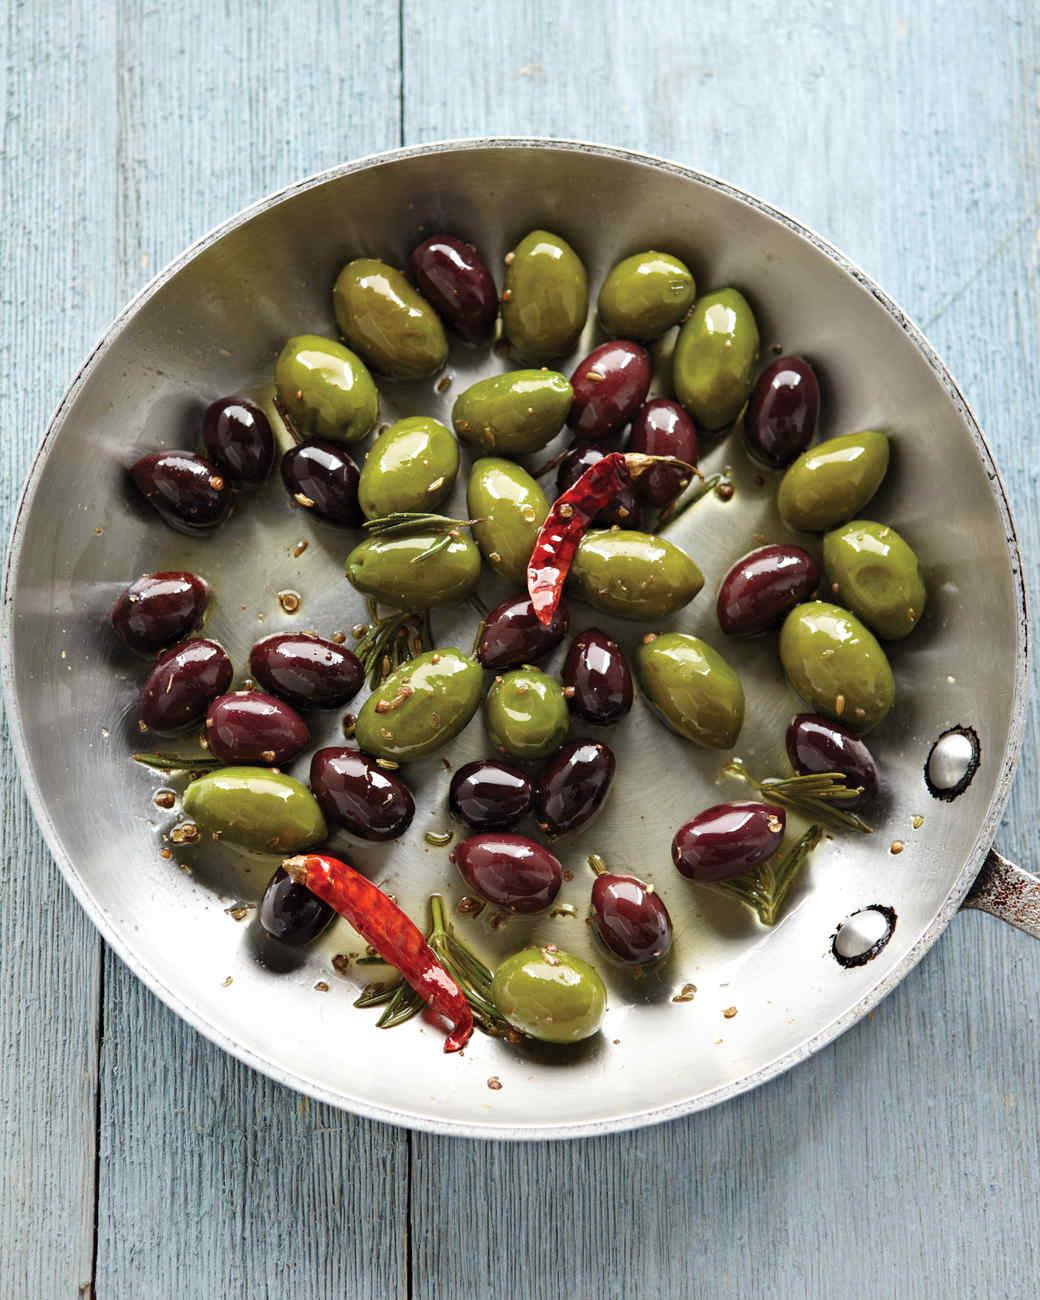 mld106767_0311_olives1.jpg